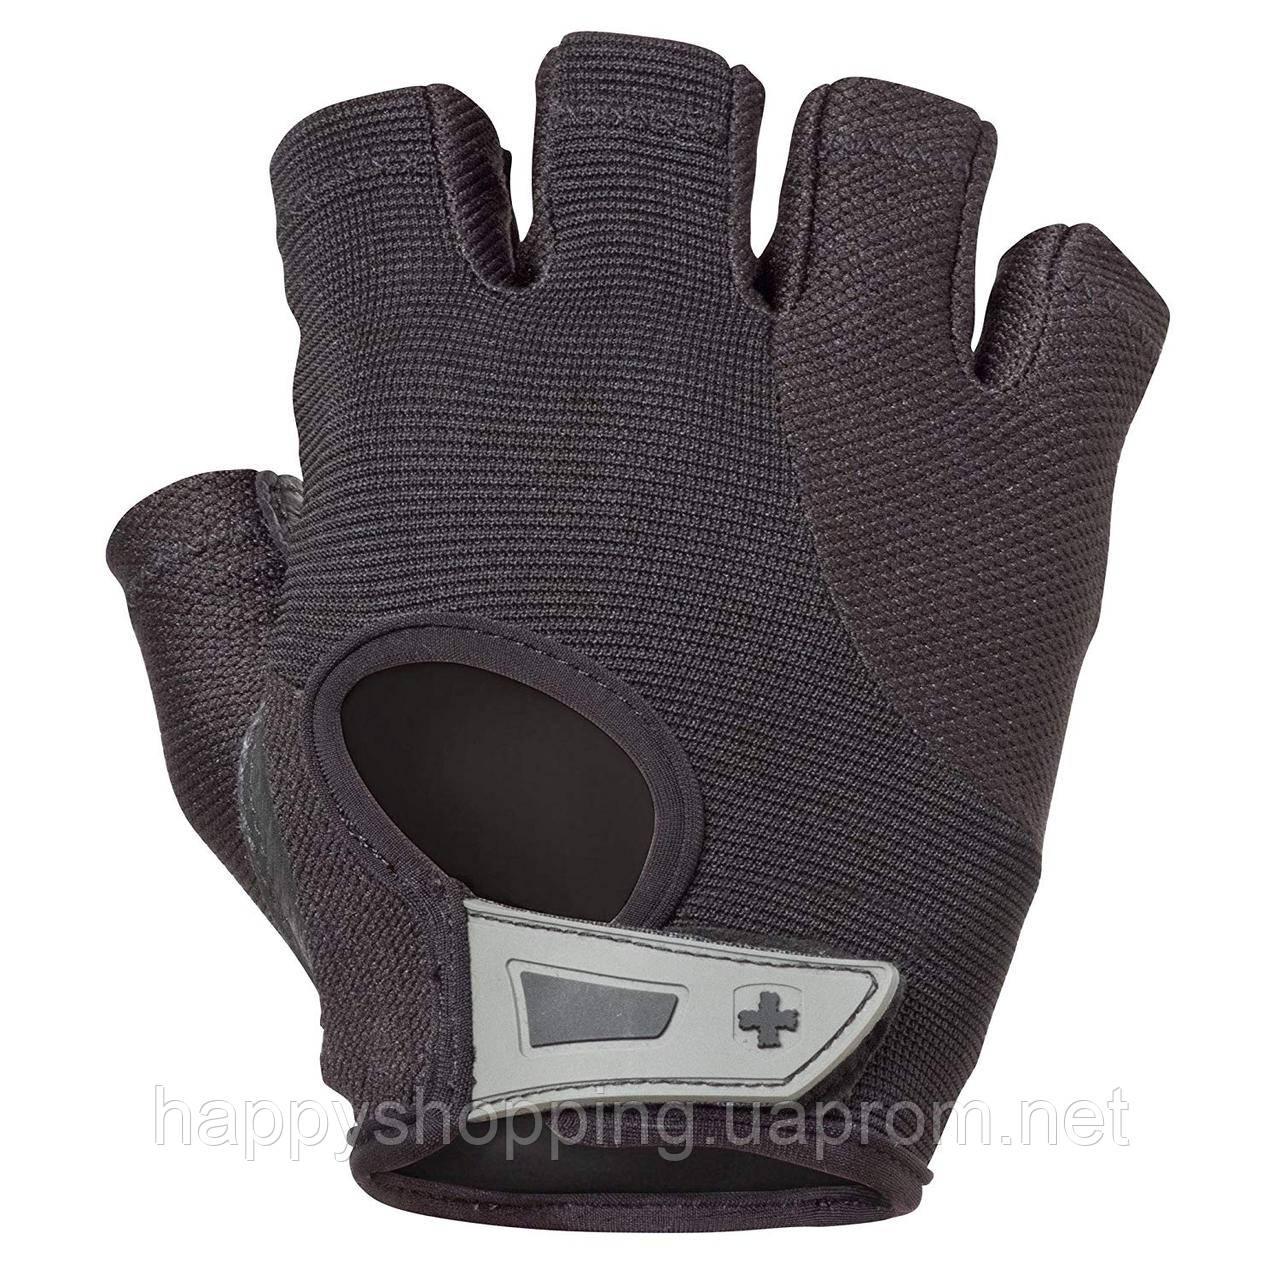 Женские черные перчатки для спорта кожа/текстиль Harbinger, фото 1